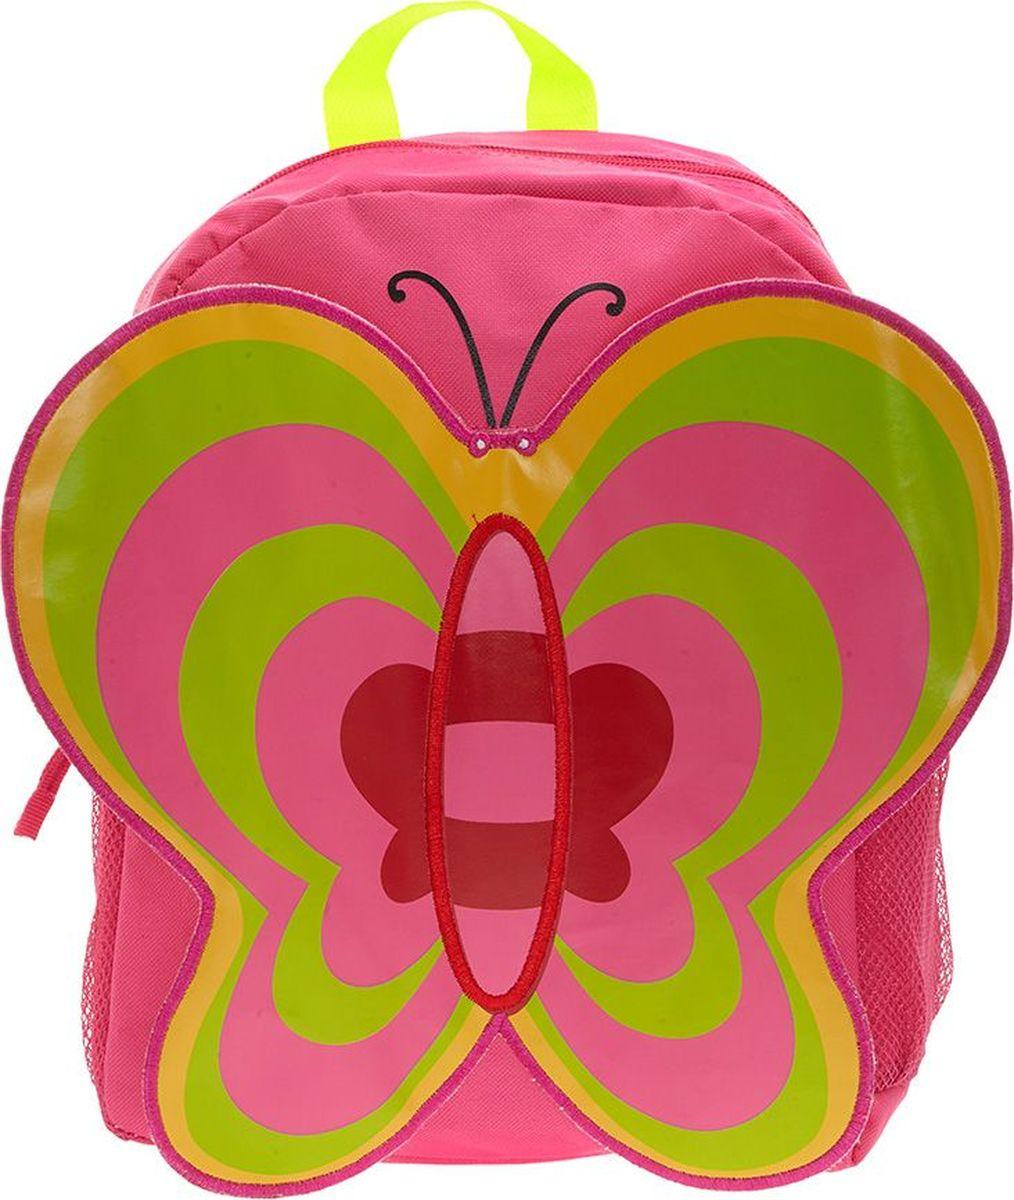 3D Bags Рюкзак дошкольный Бабочка3DHM262Дошкольный рюкзак 3D Bags Бабочка идеально подходит для хранения важных вещей, которые так необходимы маленькой принцессе на детской площадке, во время прогулки или на пикнике.Изделие выполнено из прочного и износоустойчивого полиэстера. Просторный внутренний отсек будет очень удобен в использовании. Лицевая сторона рюкзака выполнена в форме объемной бабочки с большими привлекательными крылышками.